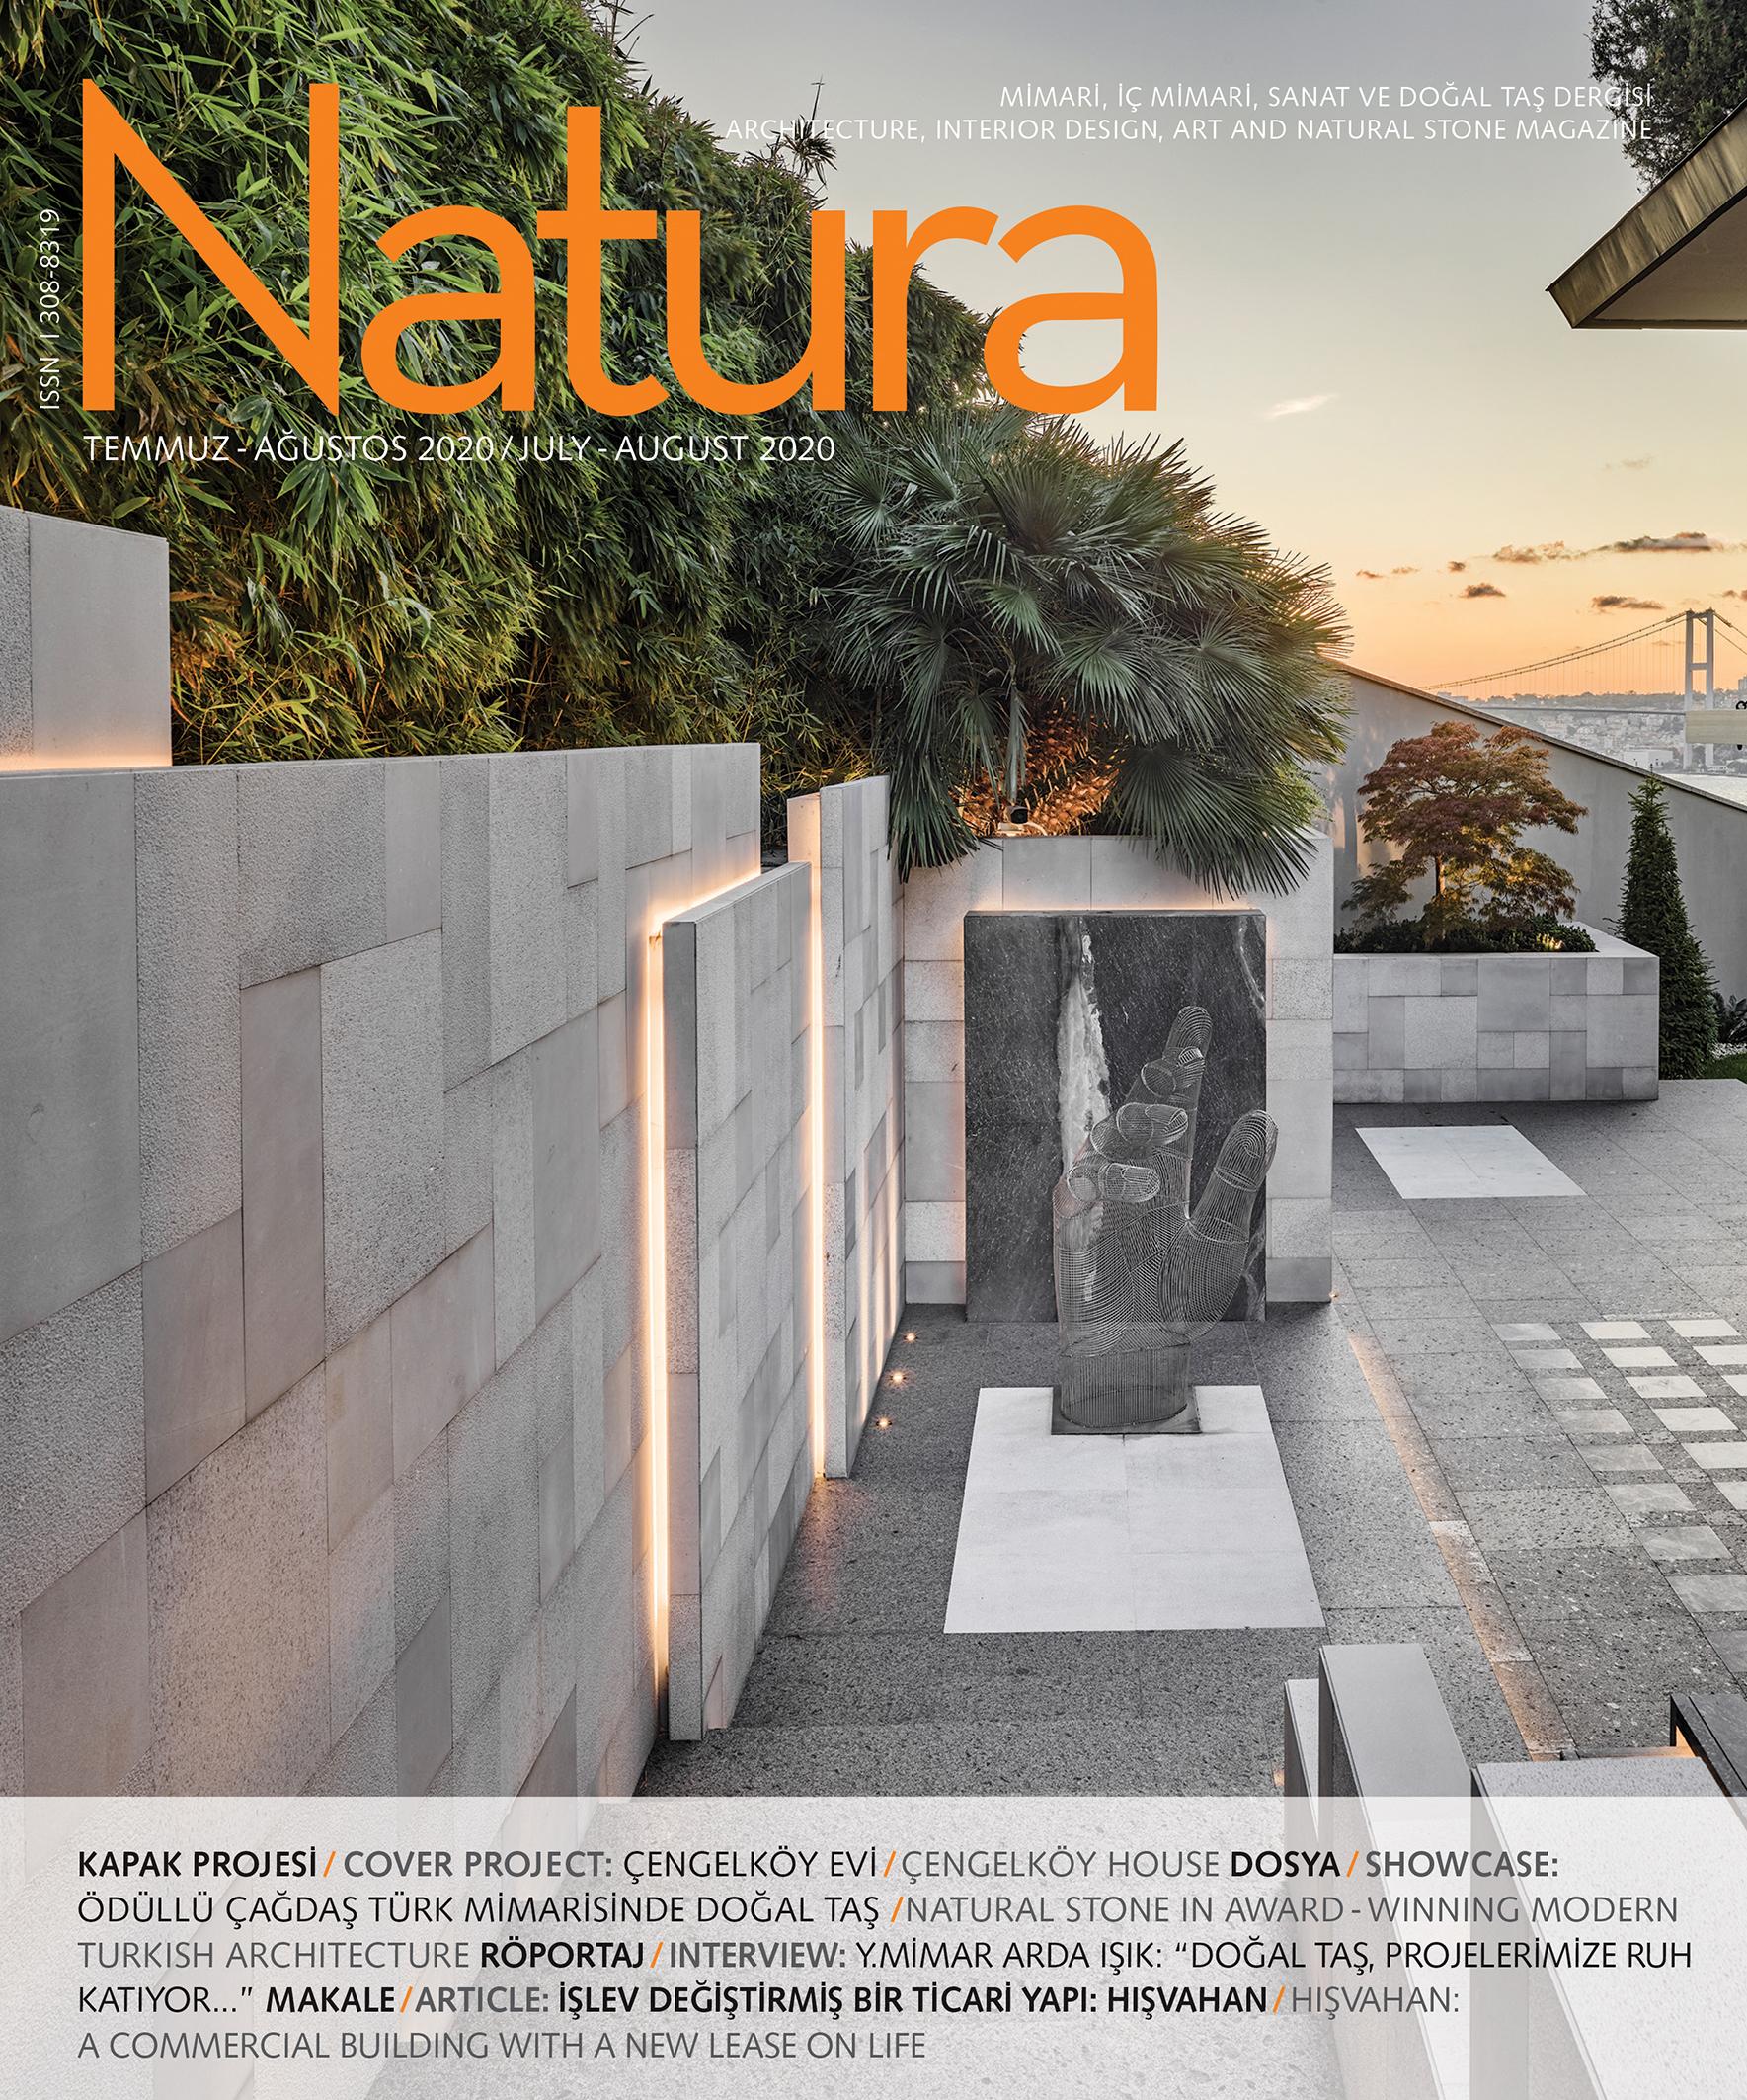 Natura Temmuz-Ağustos / Natura July-August